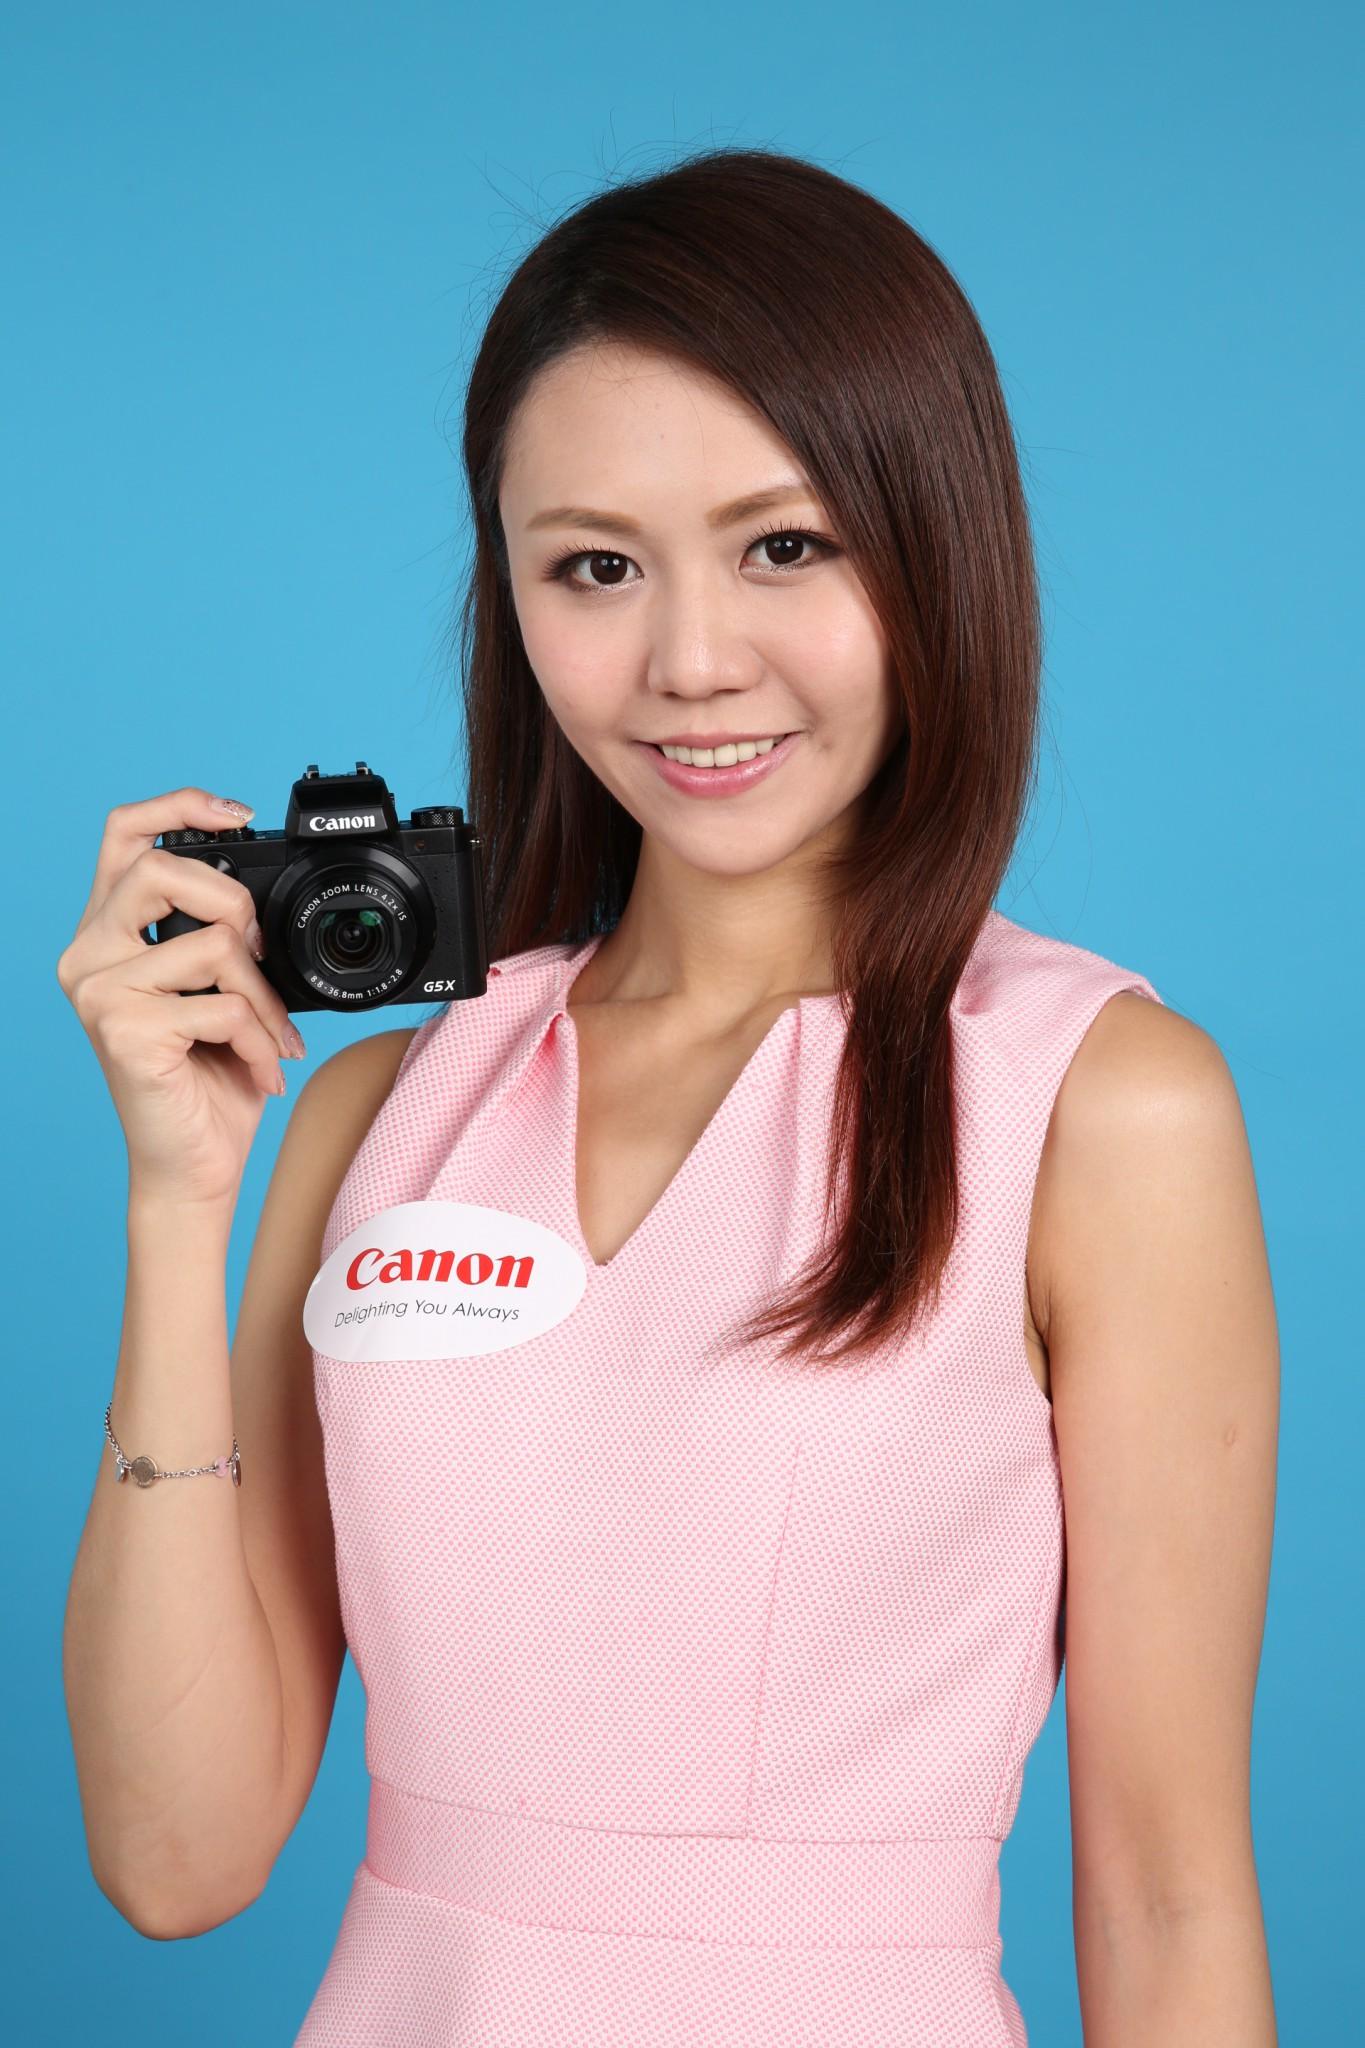 1 吋感光元件新機 | Canon PowerShot G5 X 、 G9 X 登場